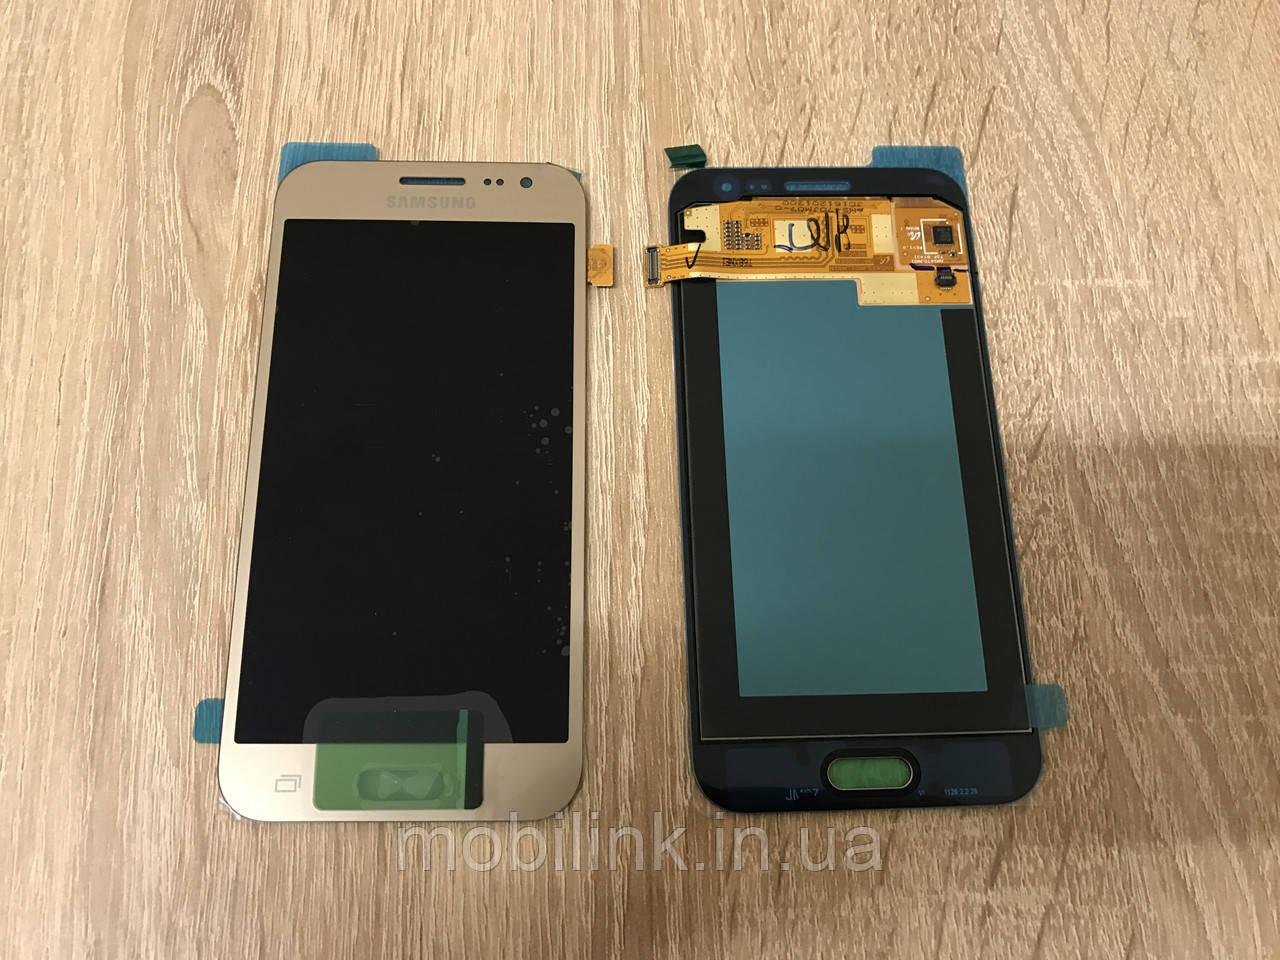 Дисплей на Samsung J200 Galaxy J2 Золото(Gold), GH97-17940B, Super AMOLED!